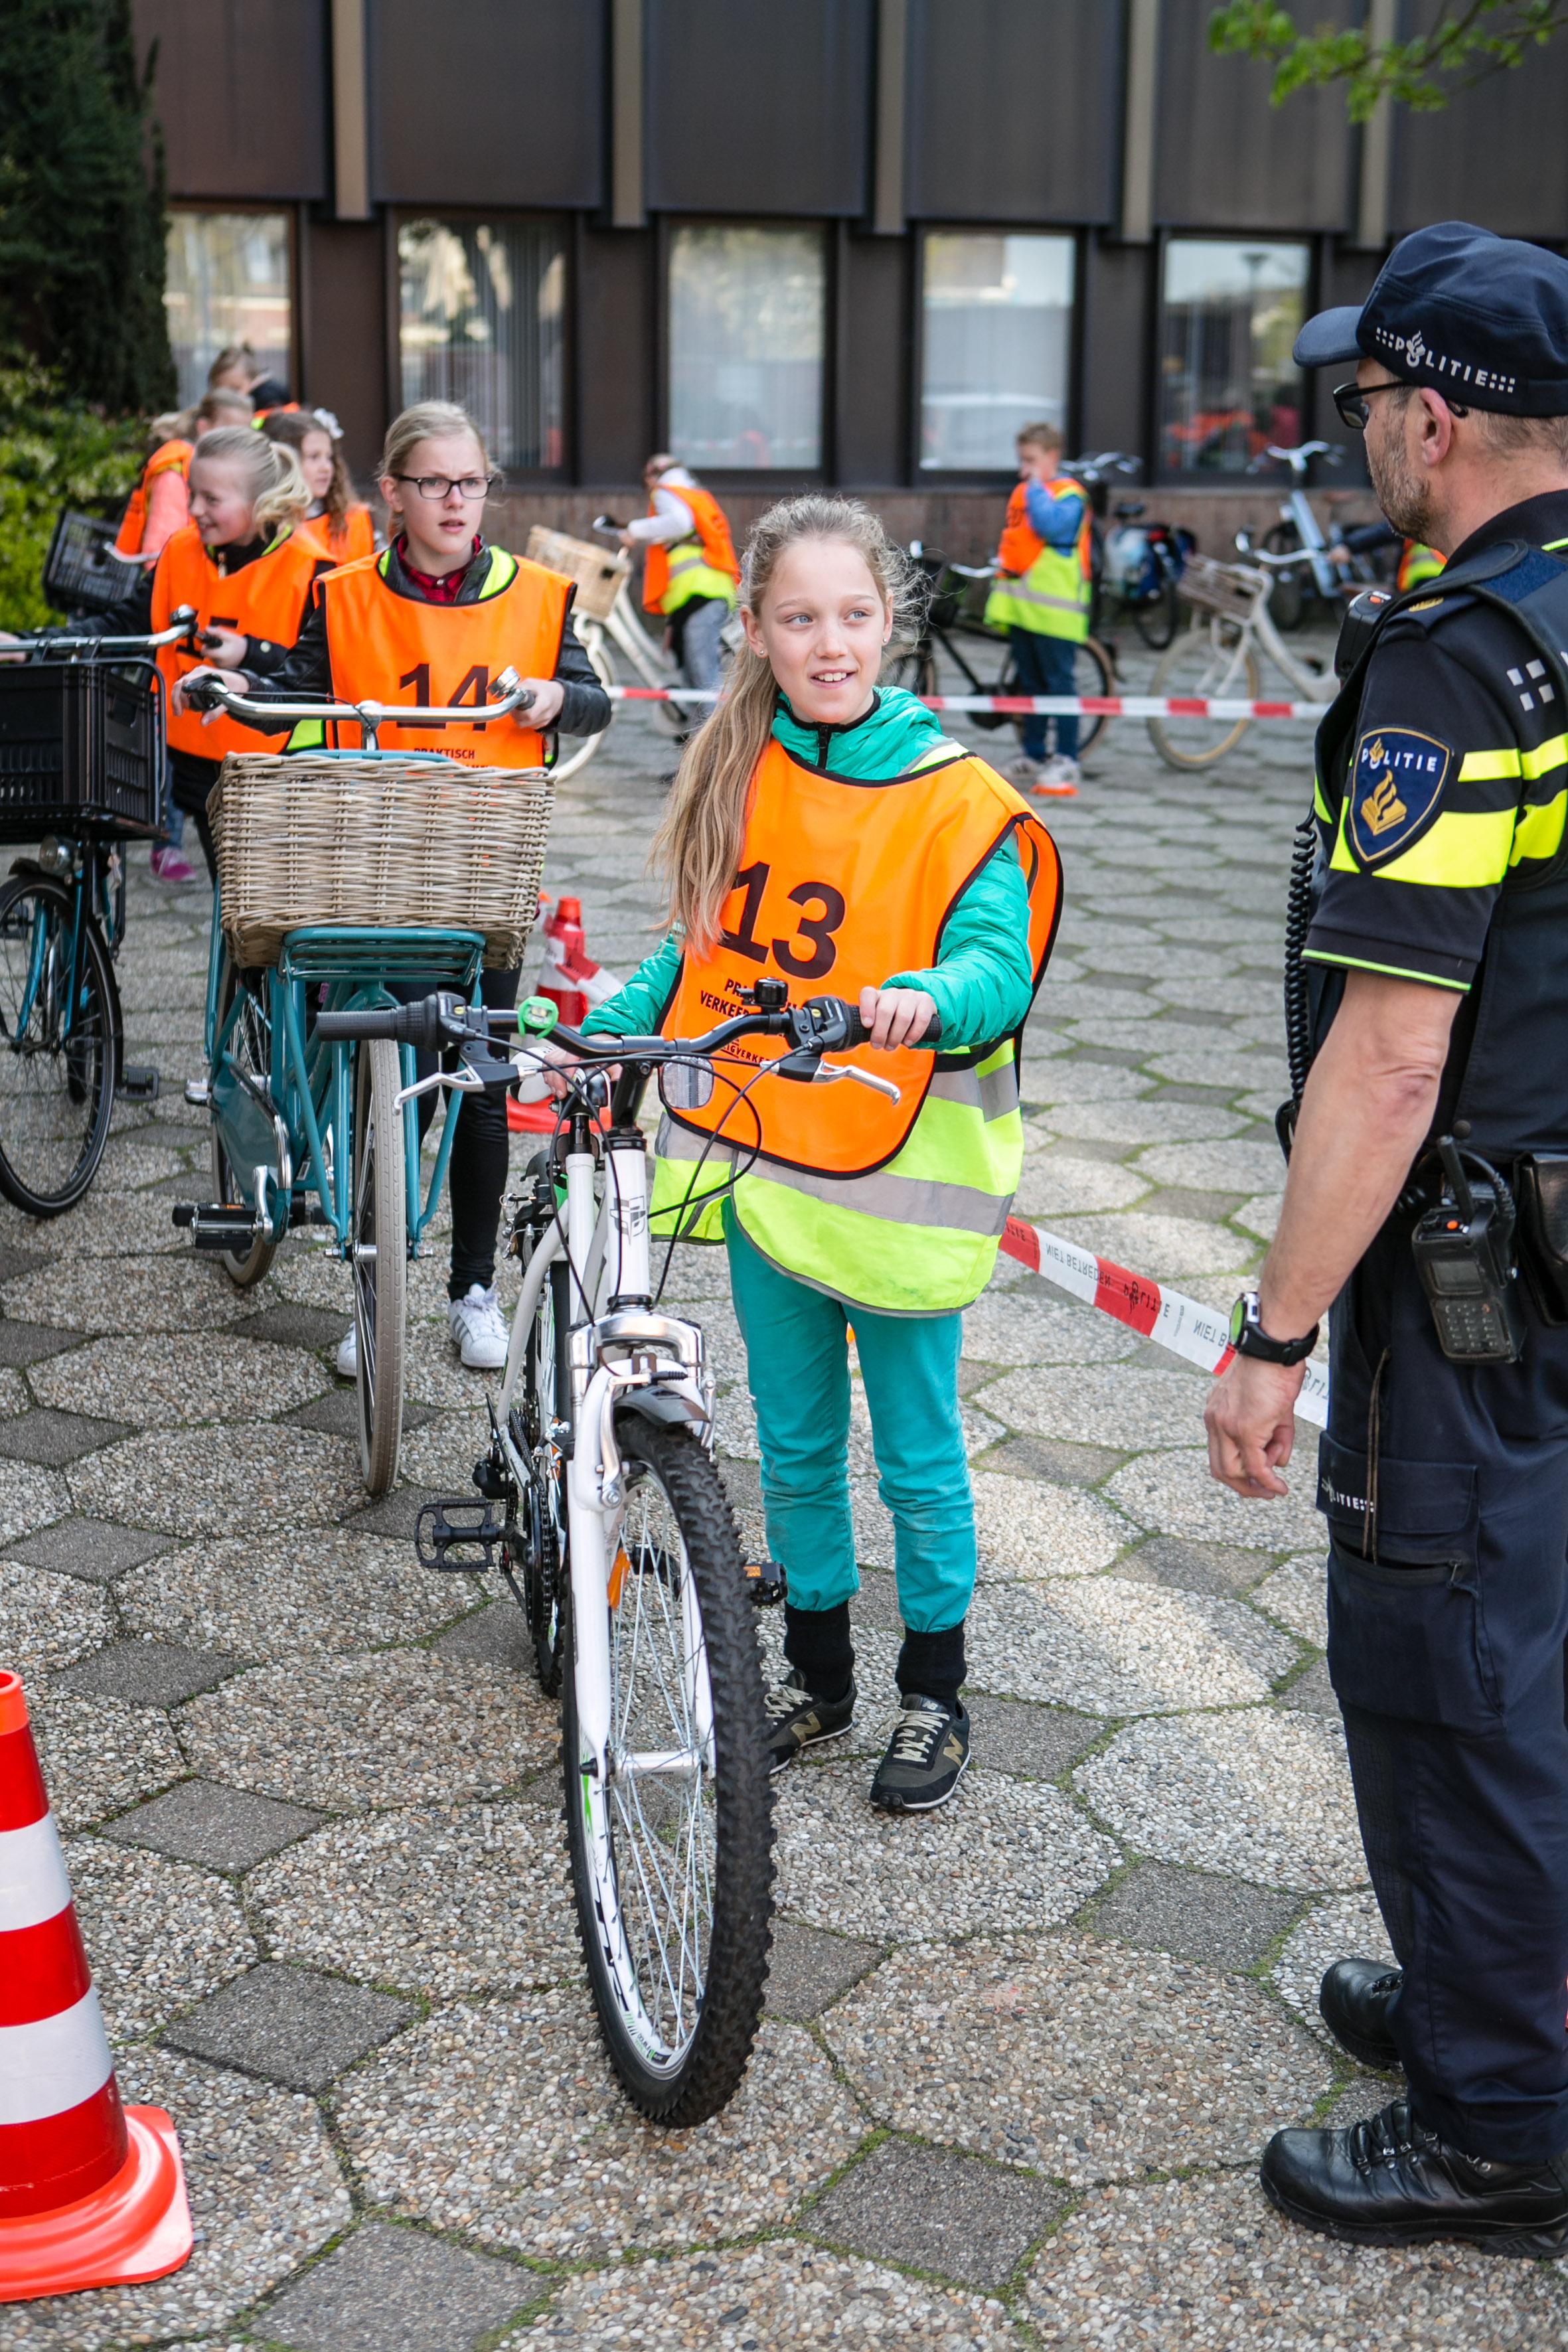 verkeersexamen foto eric van nieuwland 074620